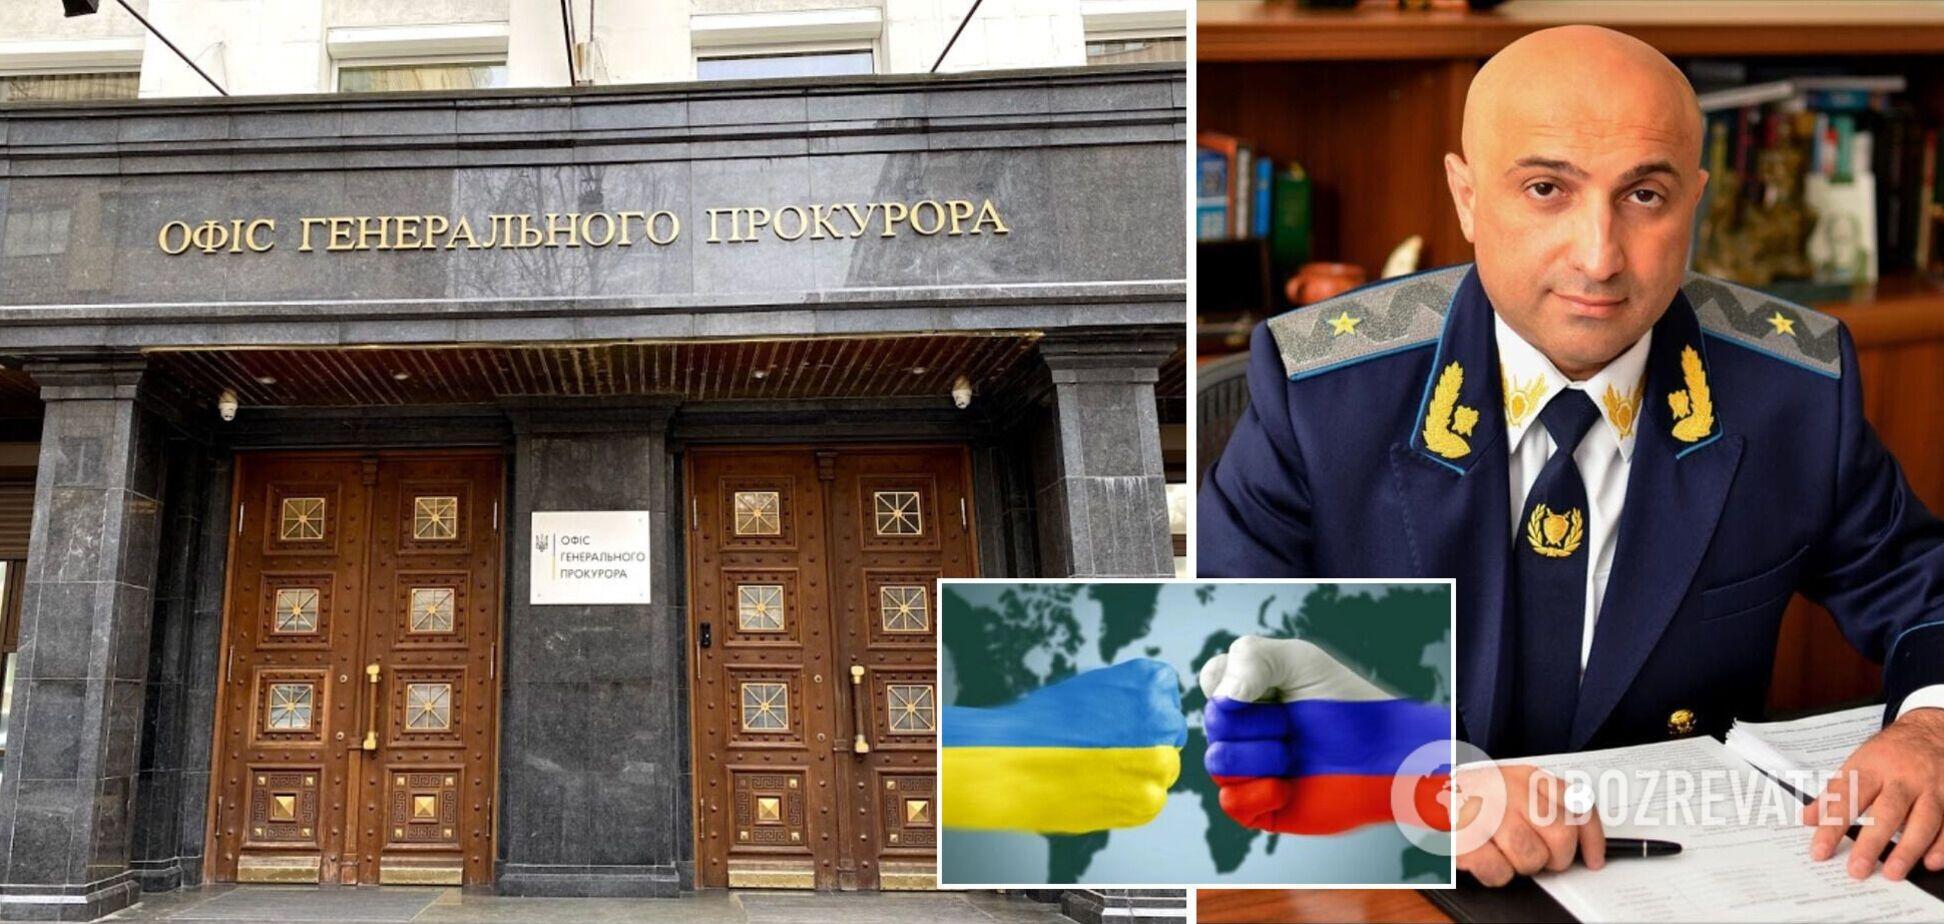 Мамедова отстранили от руководства 'департамента войны' в ОГП: реакция правозащитников